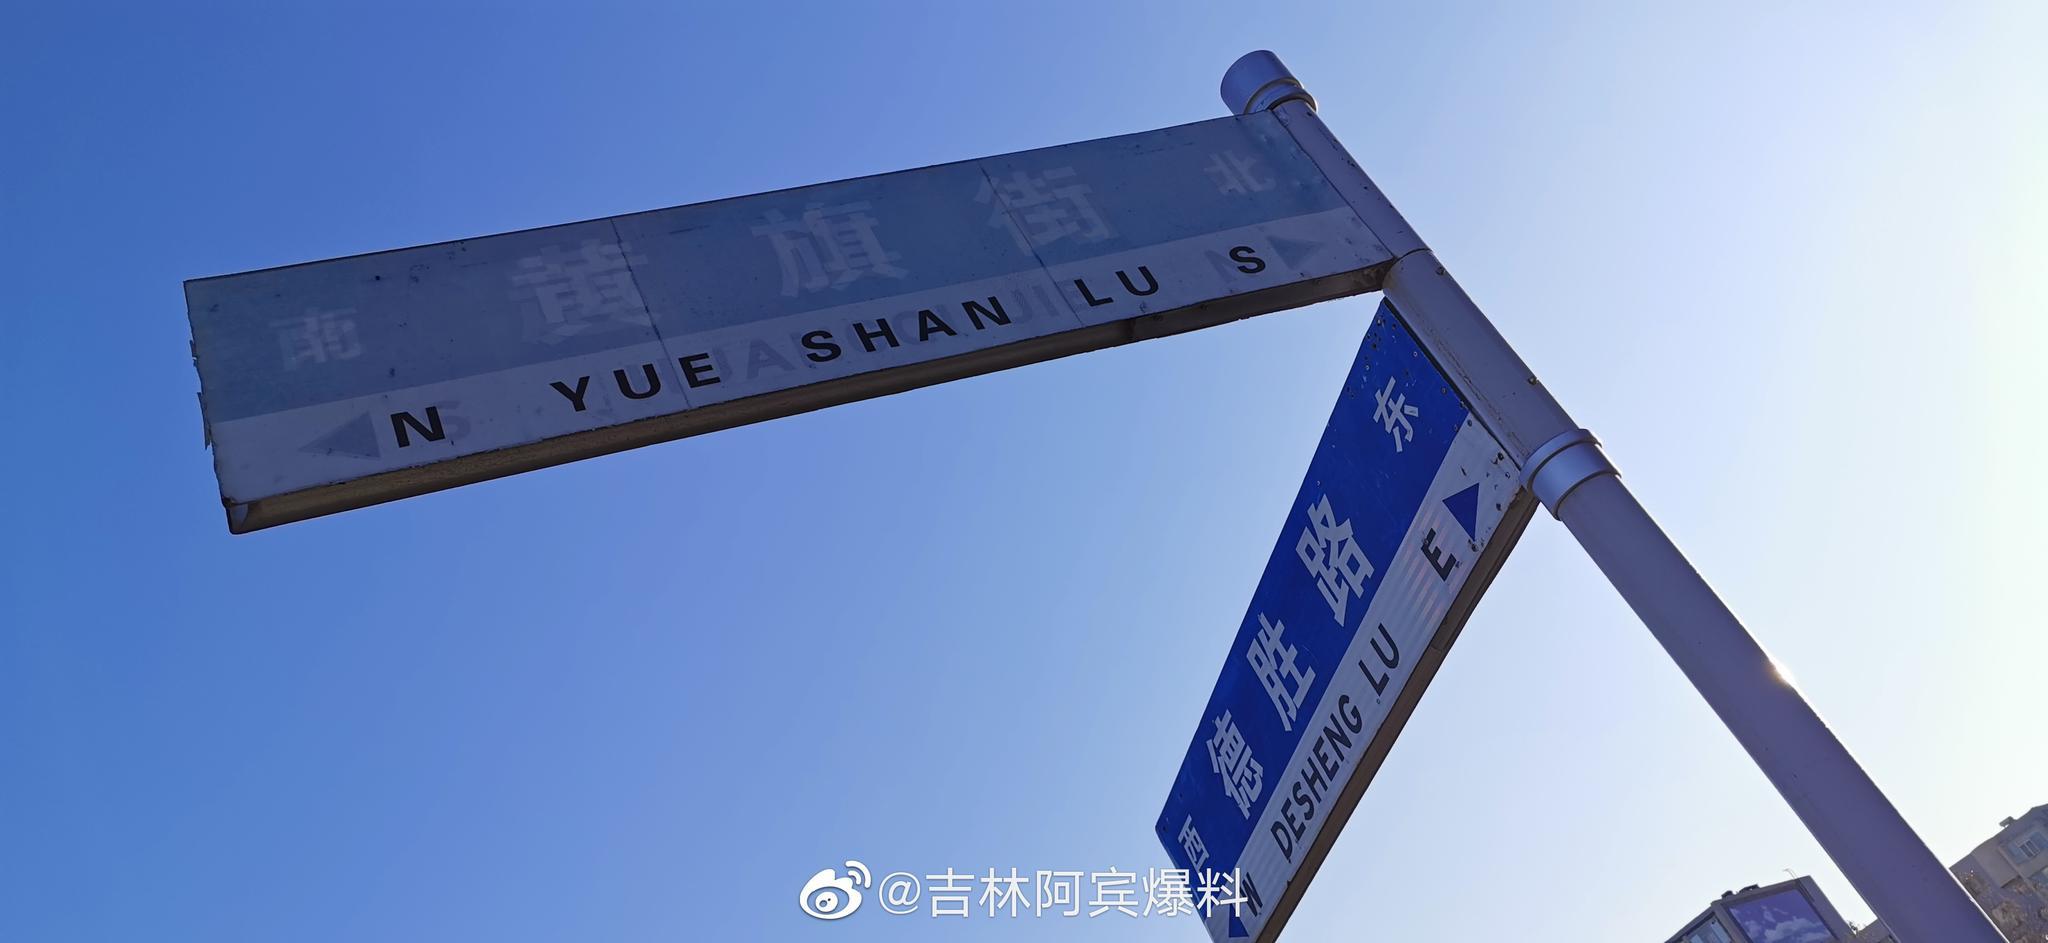 11月8号本平台爆料了吉林市越山路和德胜路交会处一交通指示路牌错误